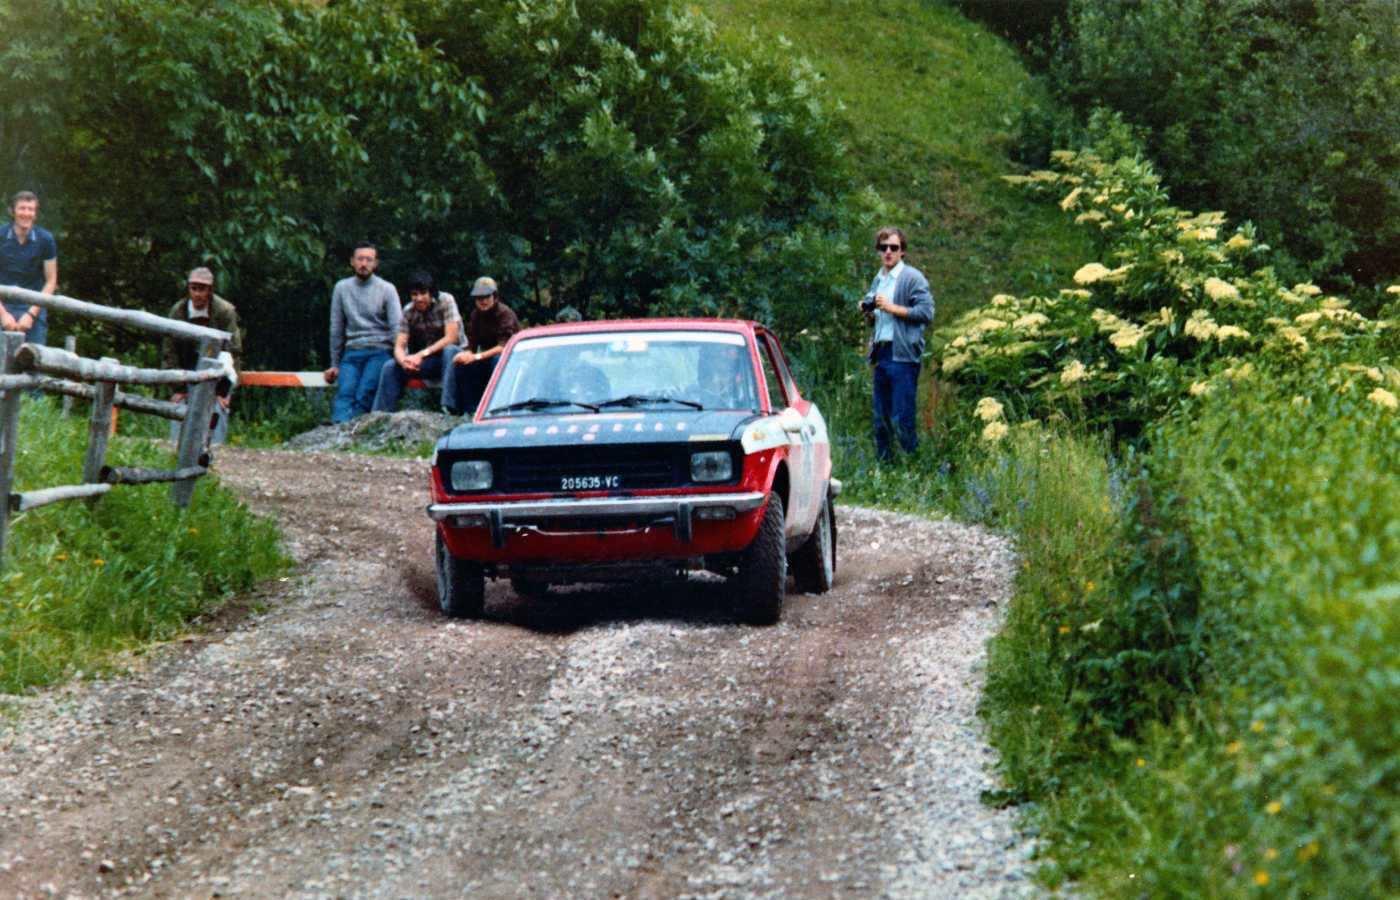 Ormezzano-Enrico Rally Alpi Orientali 2-6-1972 (Antonio Biasioli)